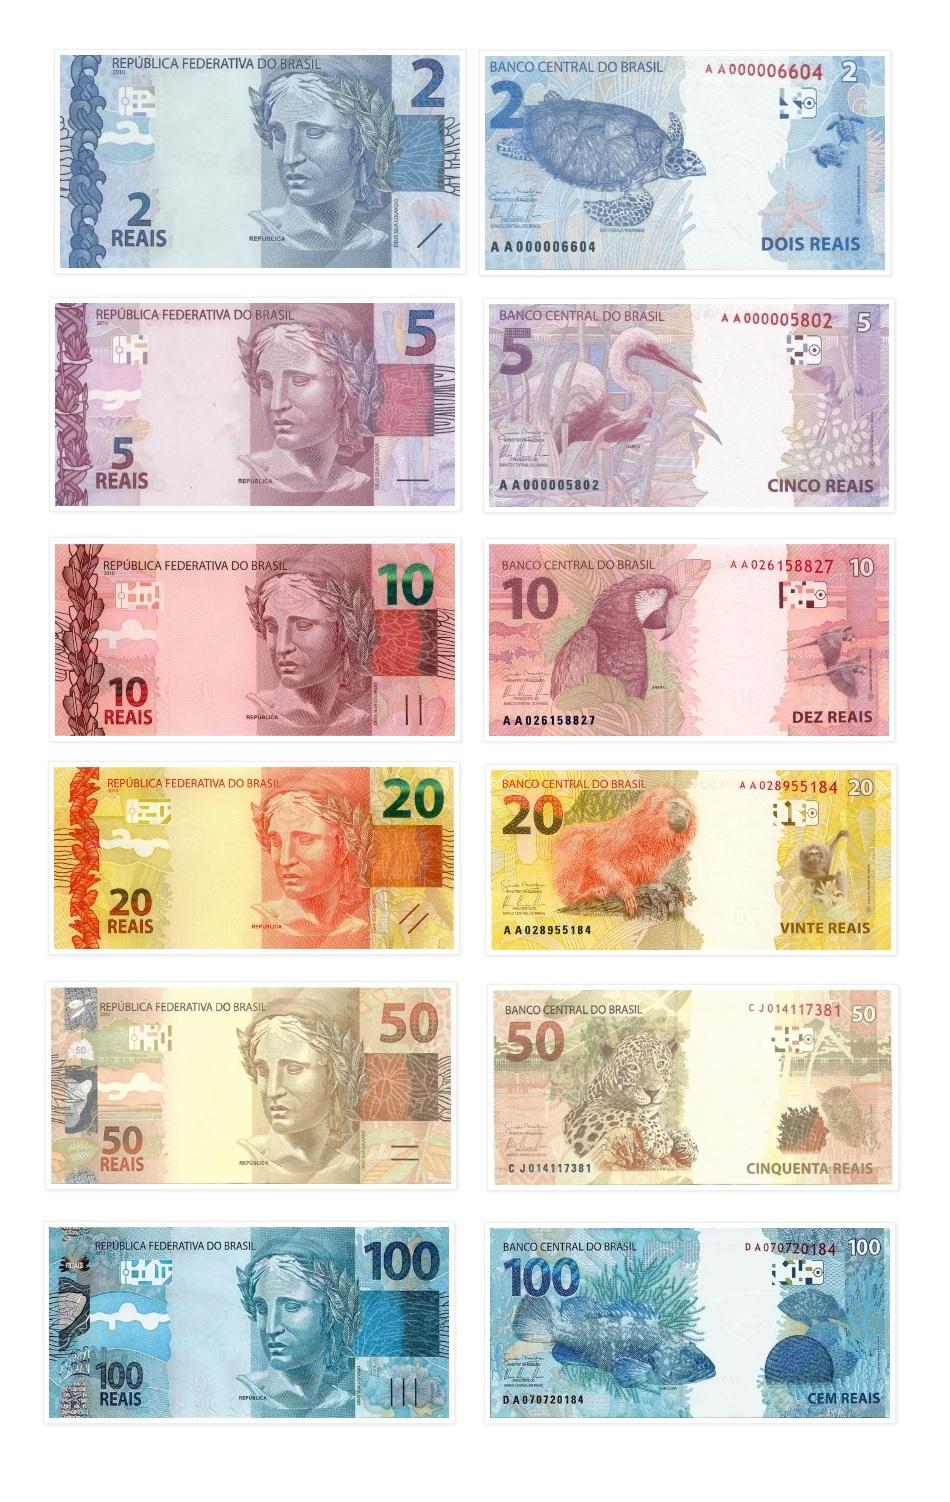 Банкноты Бразильского реала ФОТО